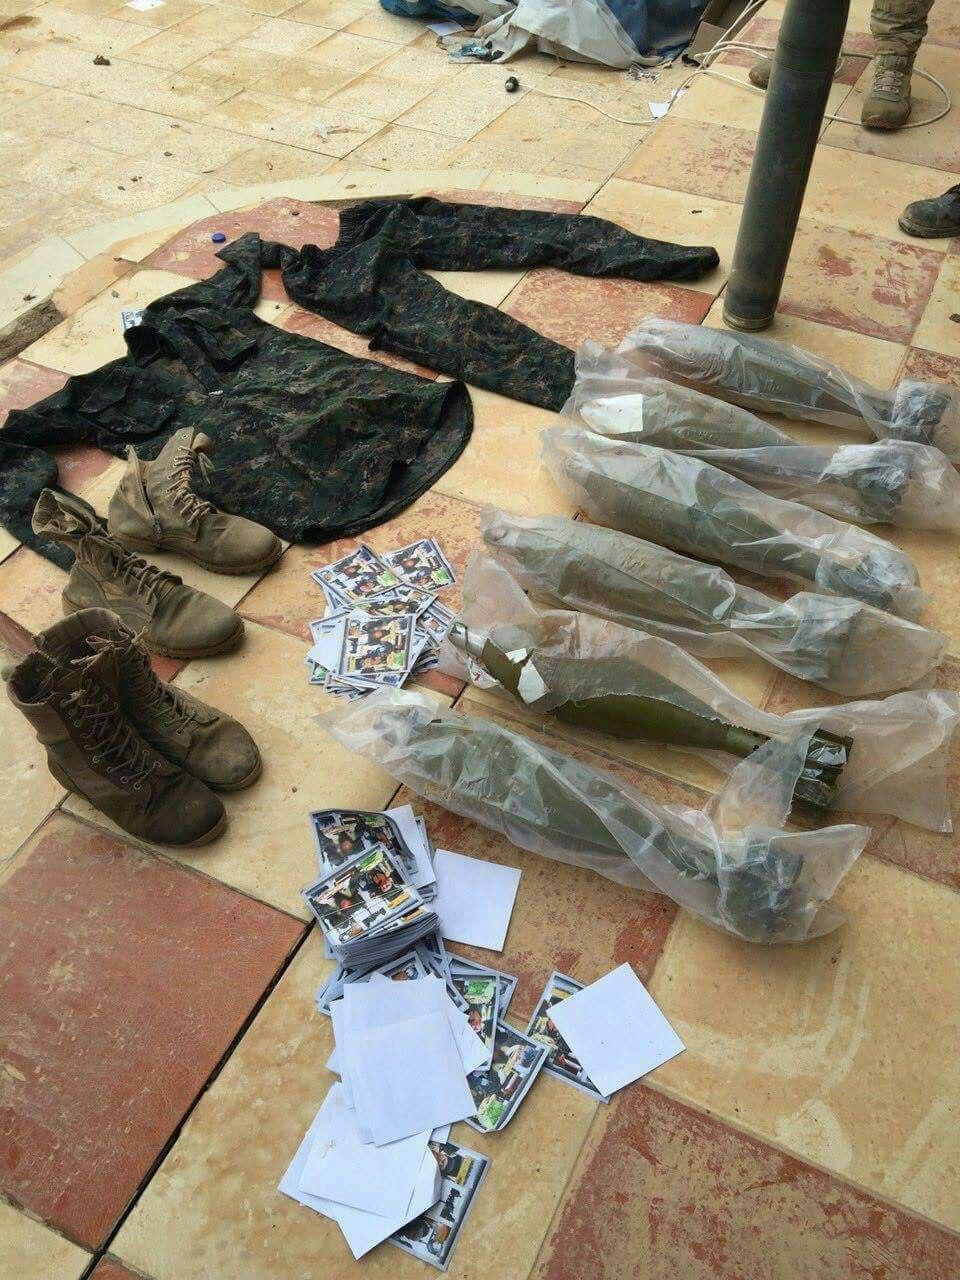 کشف مکان اختفای  «ابوبکر البغدادی» در البعاج موصل/ ضبط خمپاره انداز و کاتیوشای داعش+تصاویر